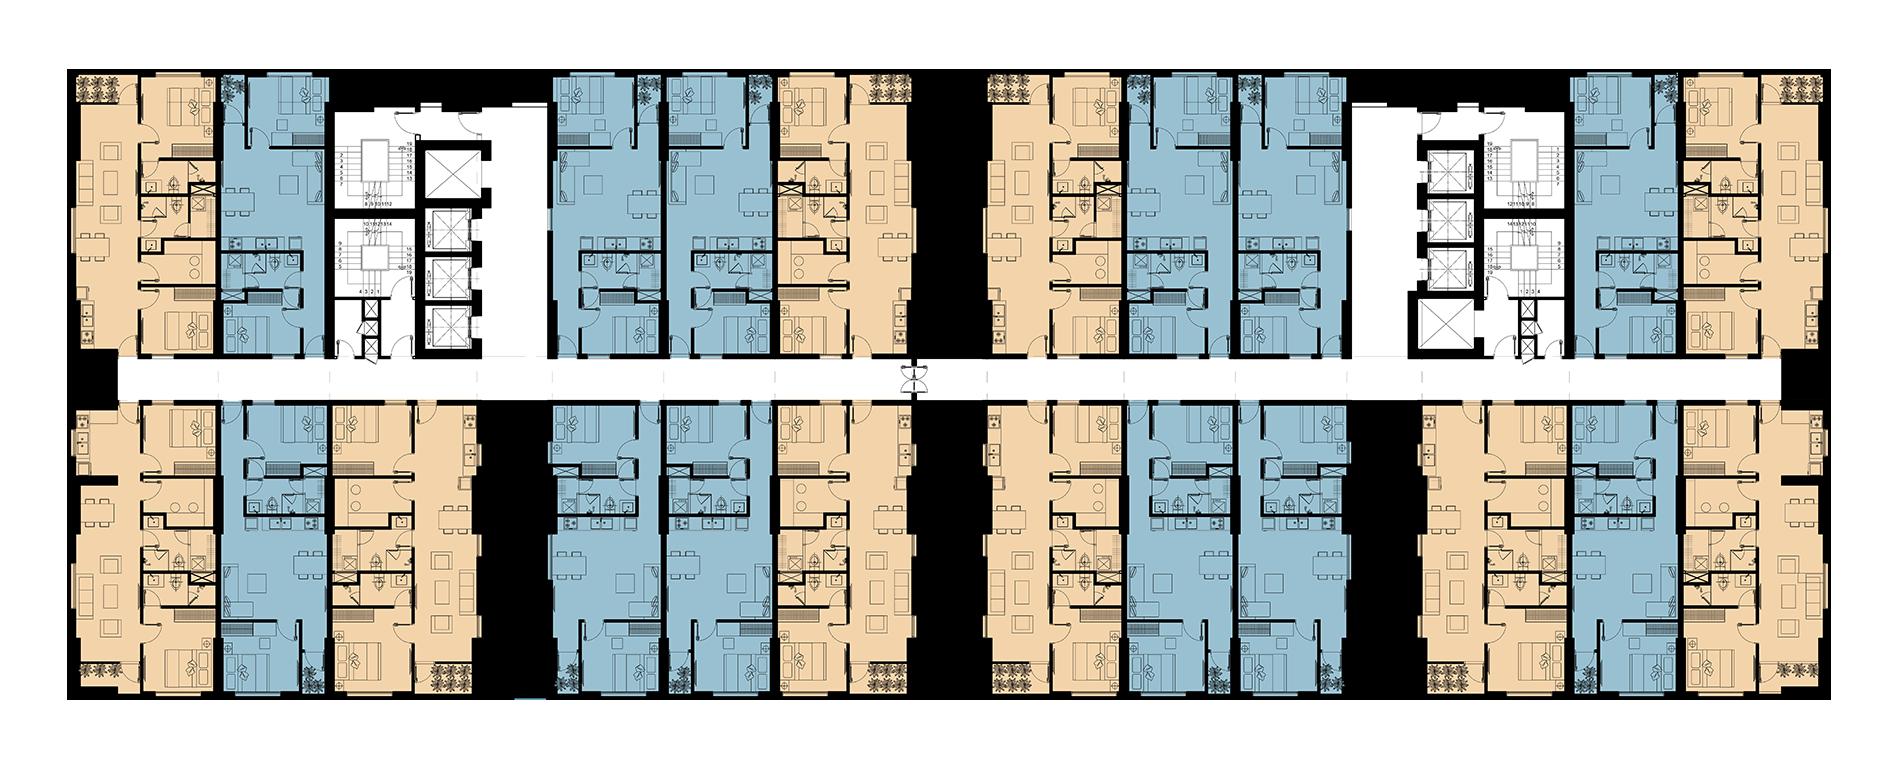 Mặt bằng tầng 4 – 38 dự án Napoleon Castle I Nha Trang